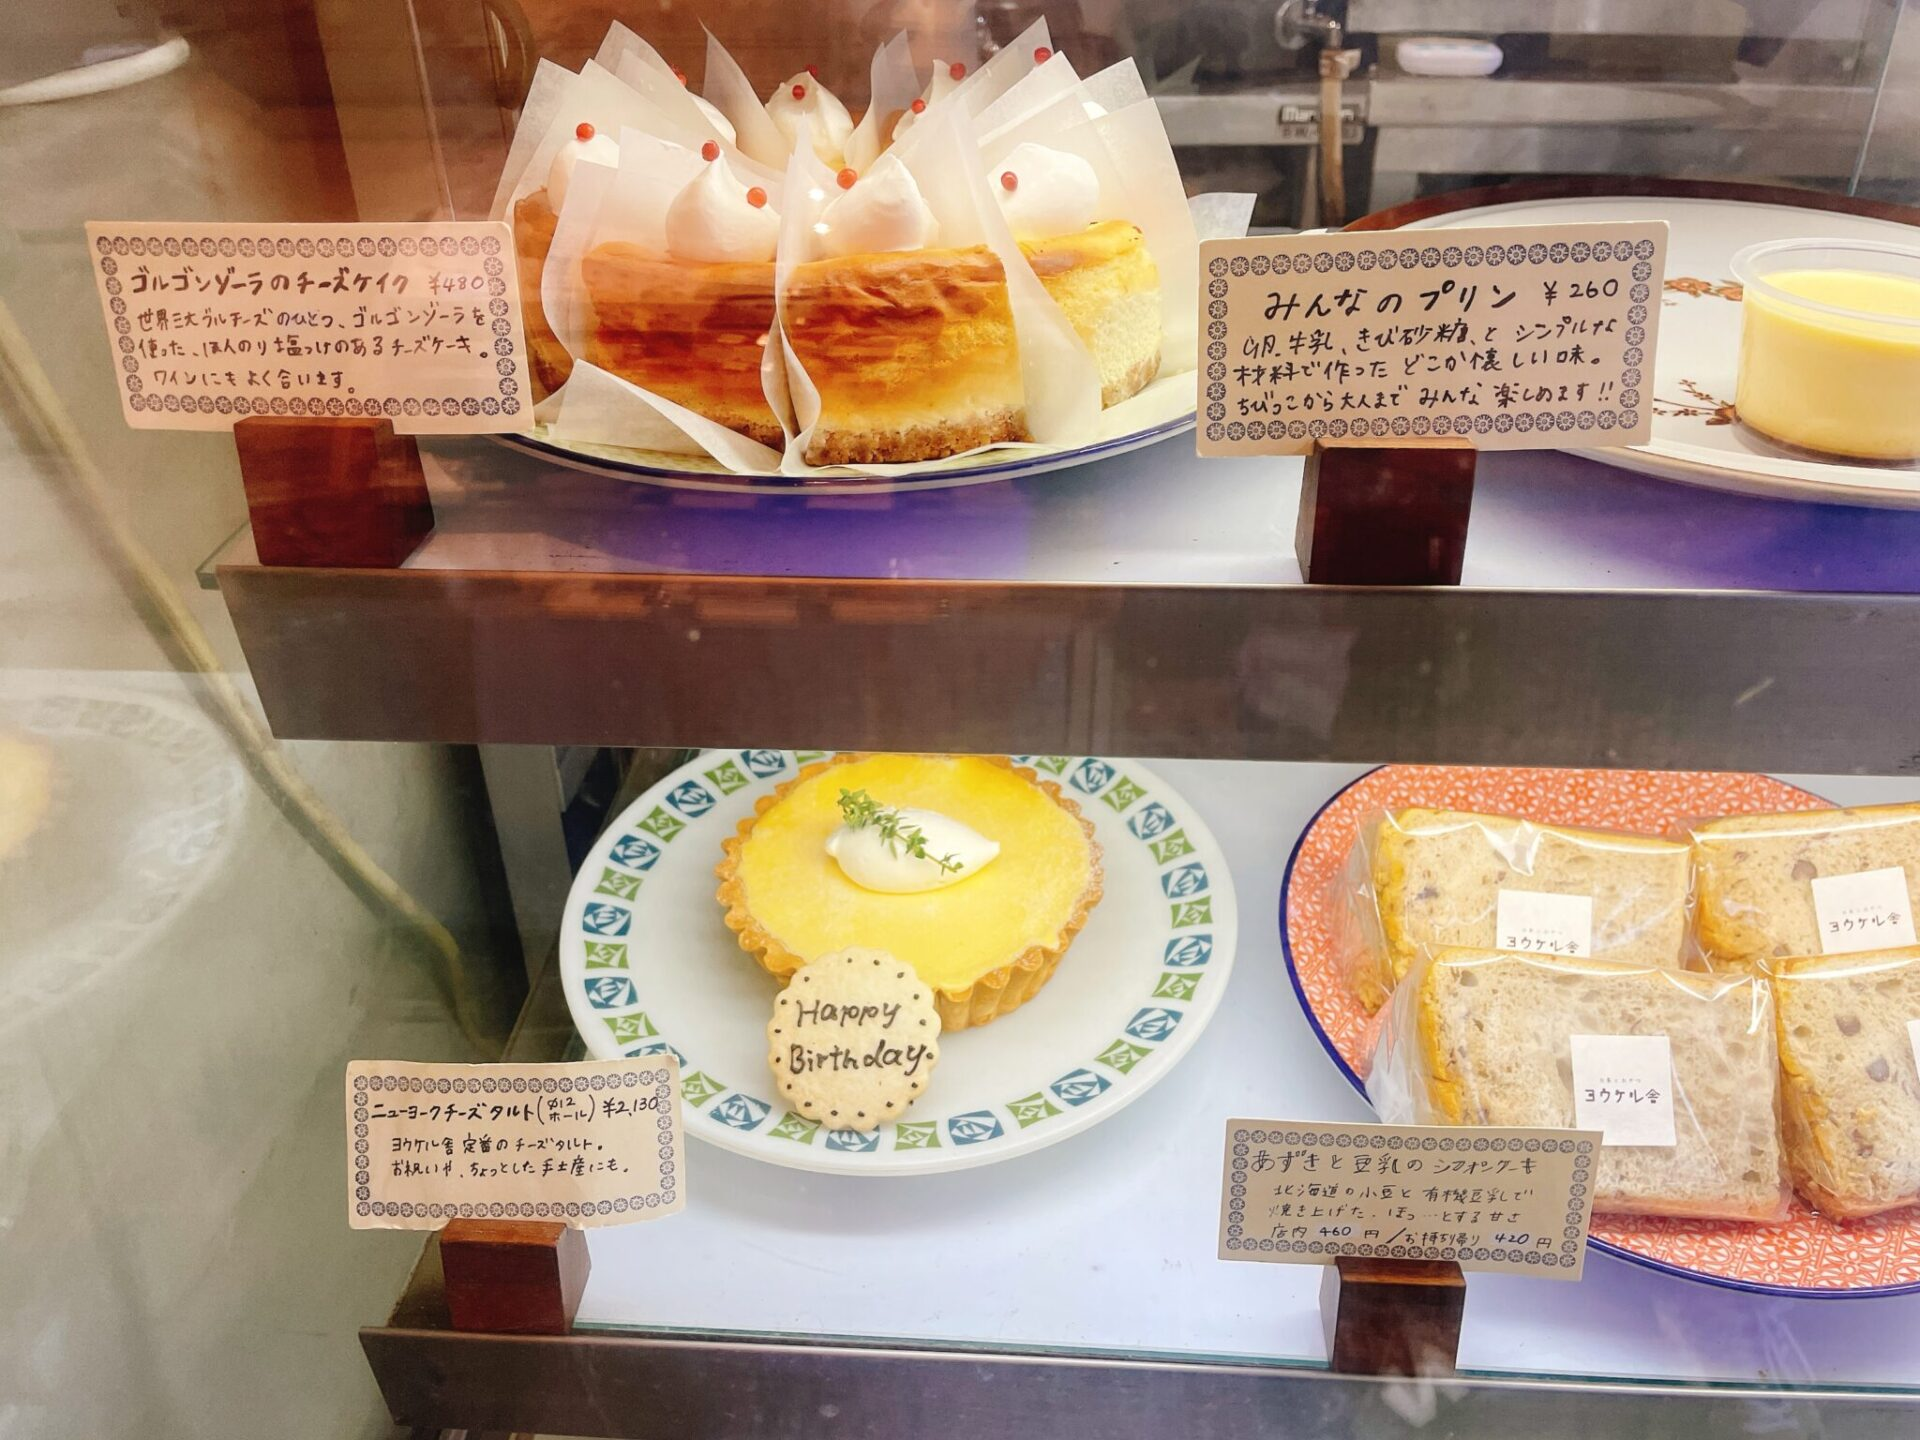 ヨウケル舎のケーキ